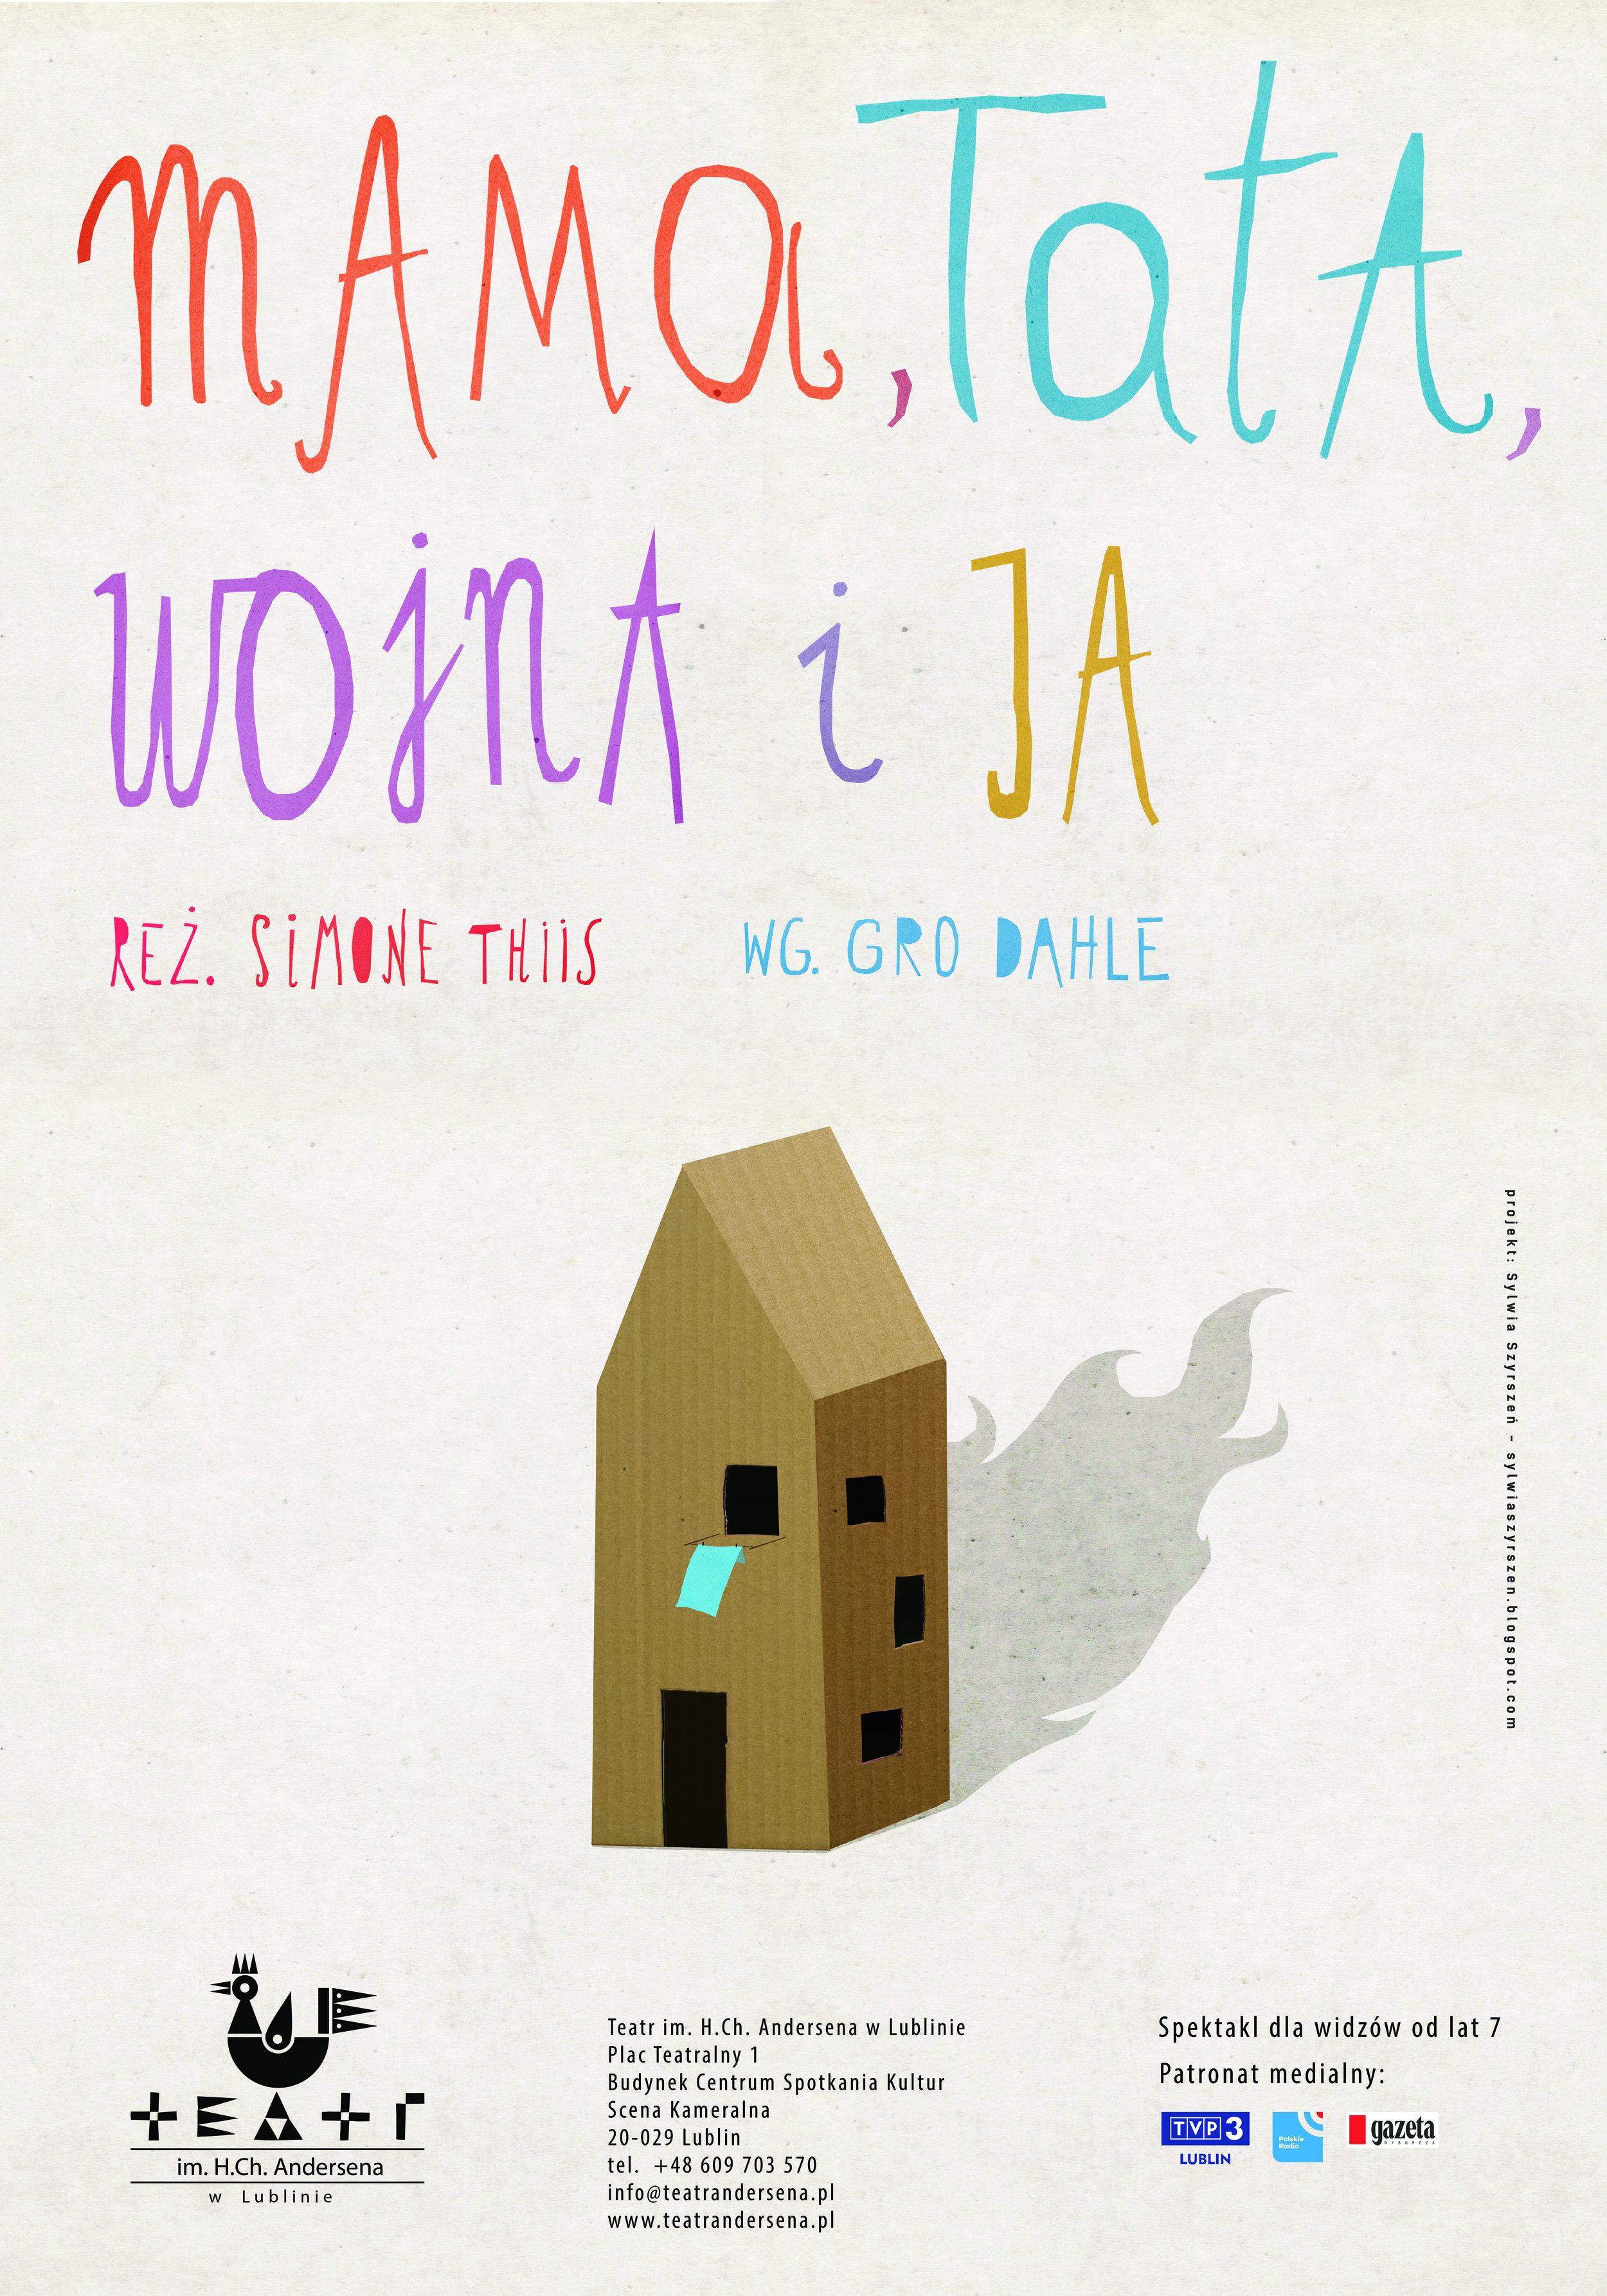 Plakatdesign: Sylwia Szyrszen